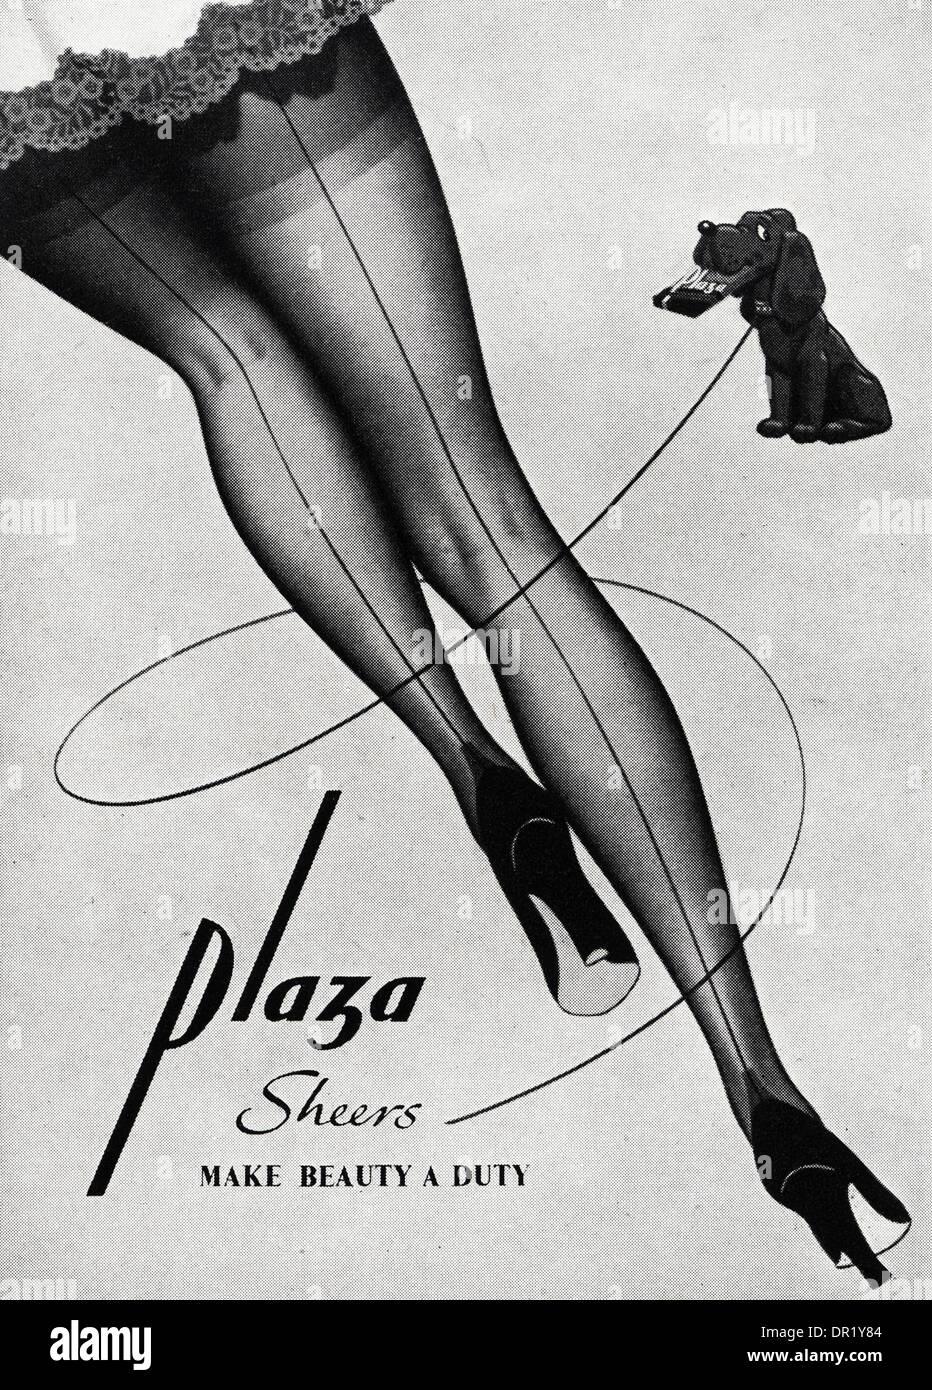 Anni Cinquanta pubblicità pubblicità PLAZA calze. Annuncio pubblicitario womens fashion magazine circa 1952. Immagini Stock